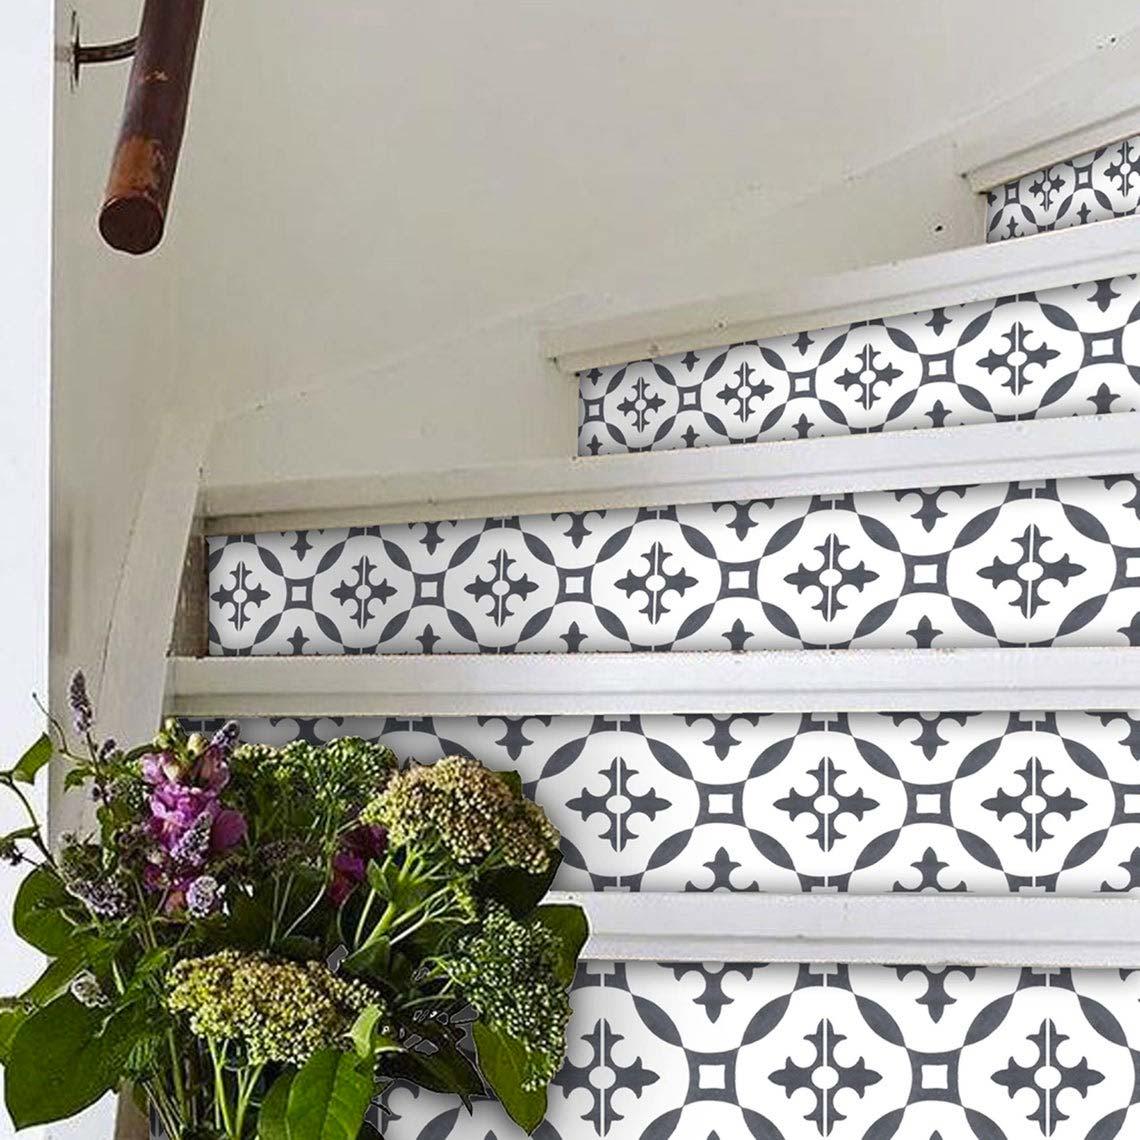 Wist je dat je ook de trap kunt beplakken met tegelstickers? Deze mooie tegelstickers zijn hier te koop.